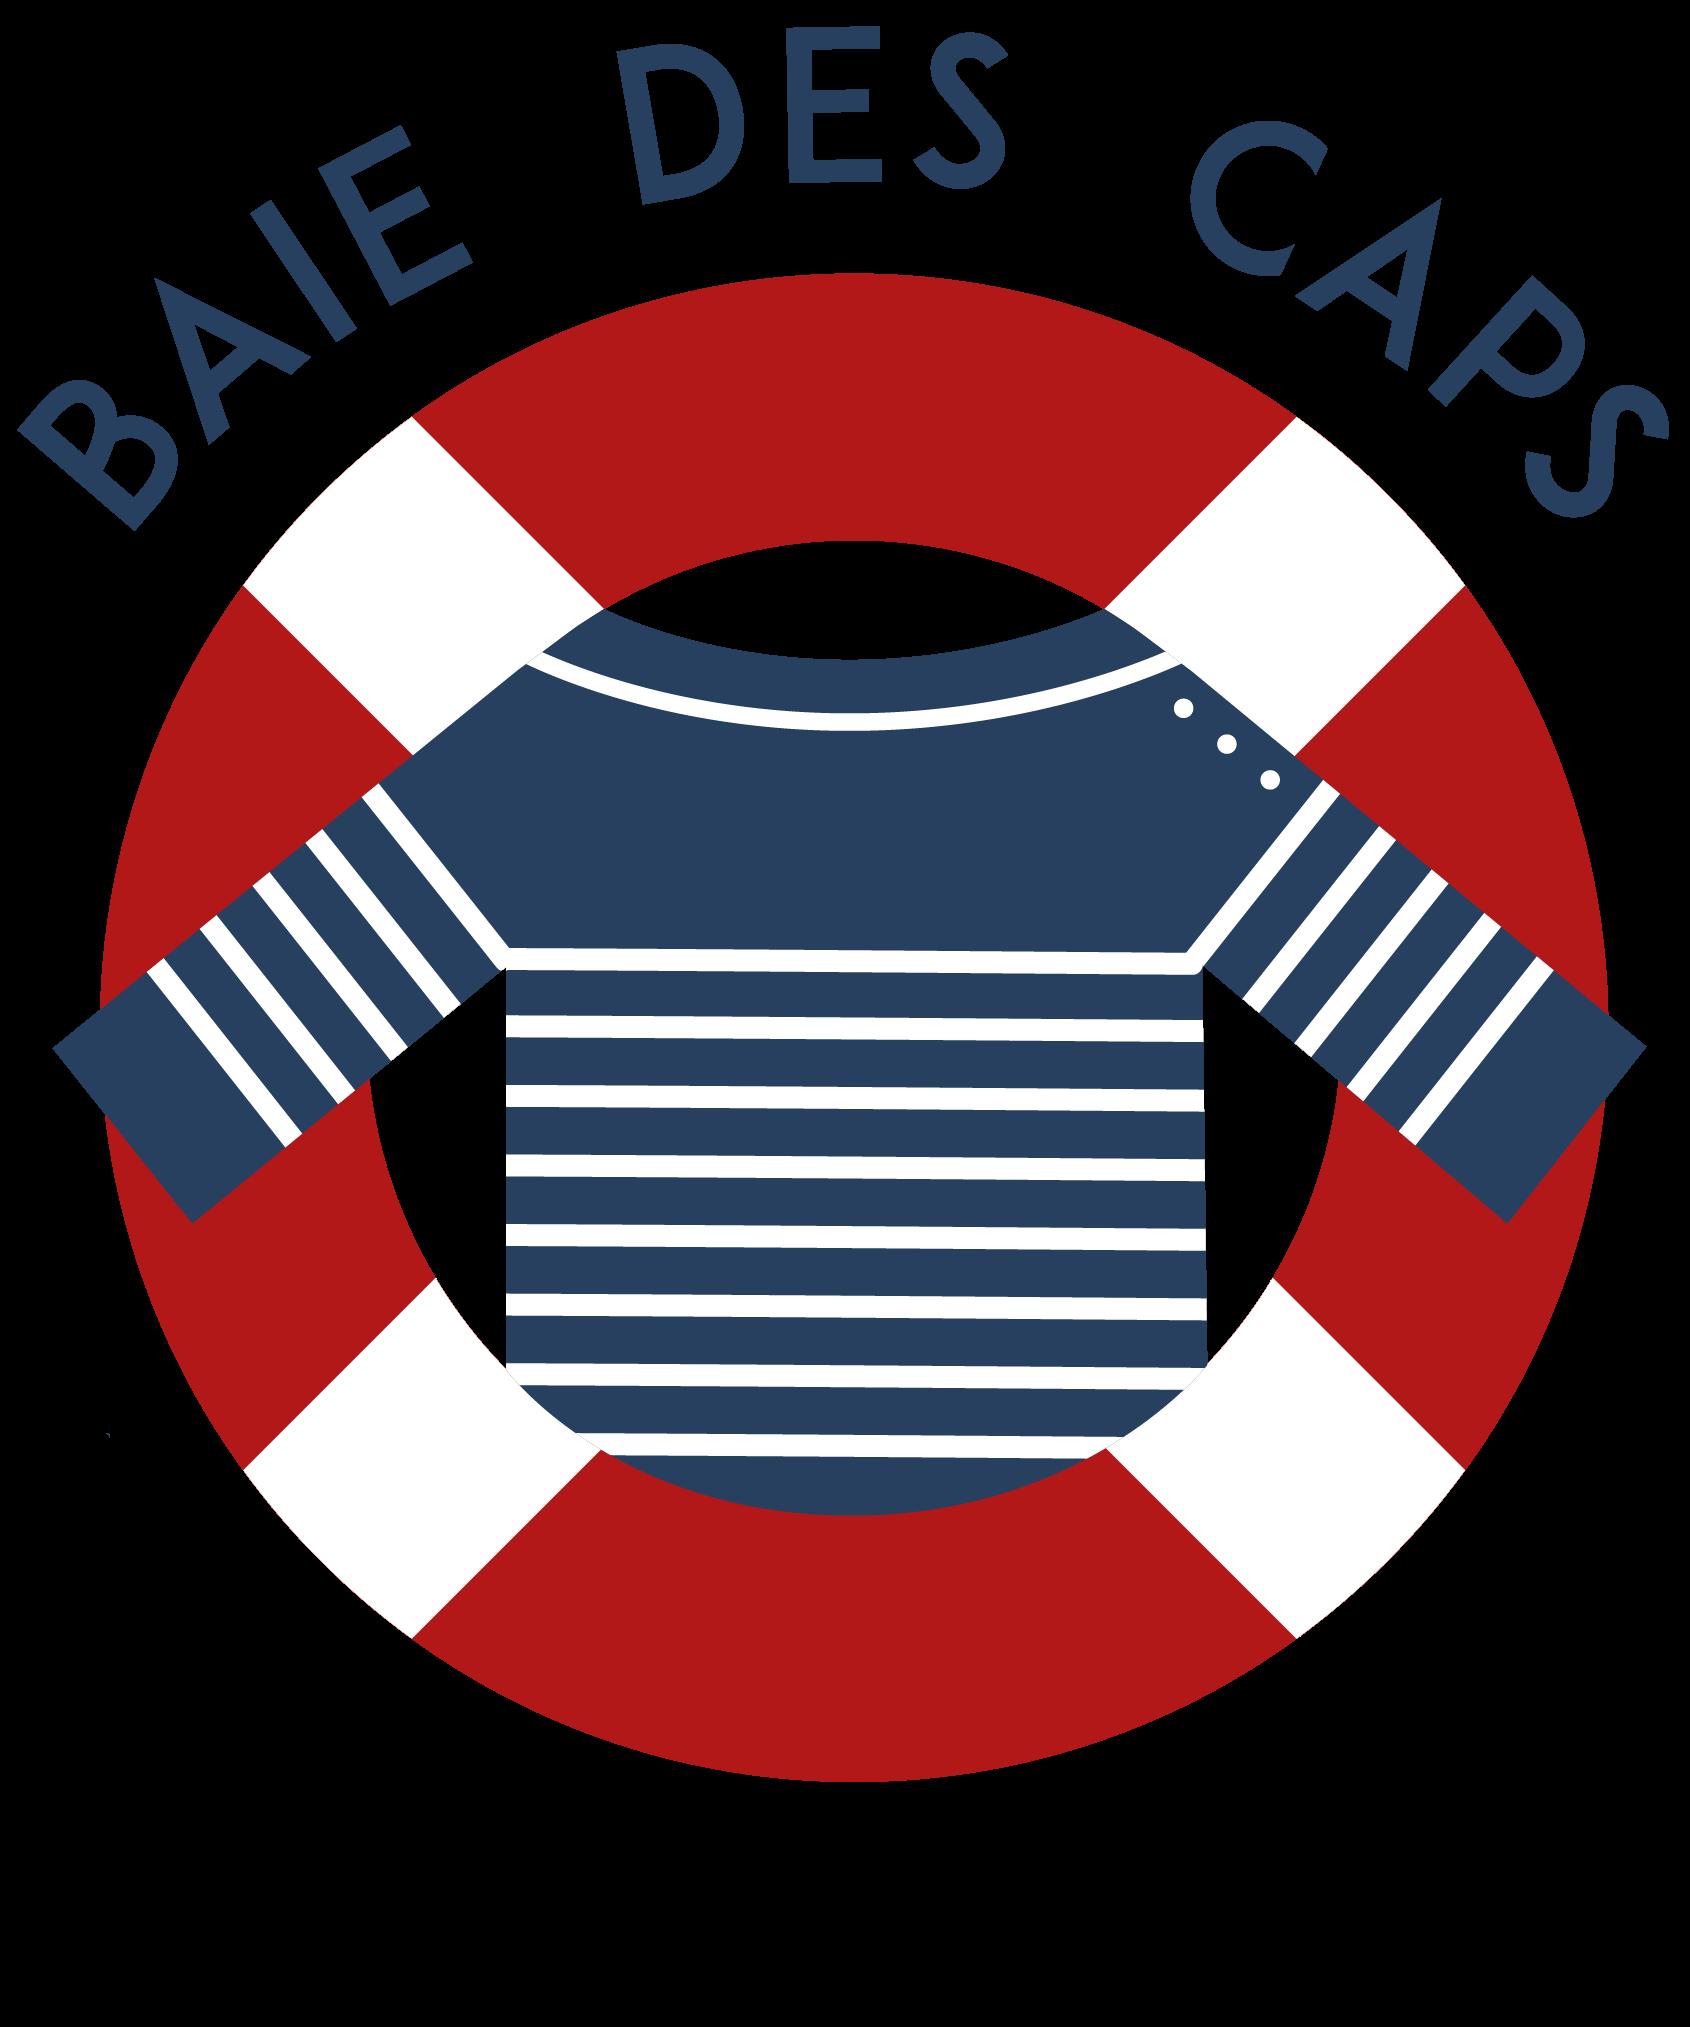 Baie des Caps